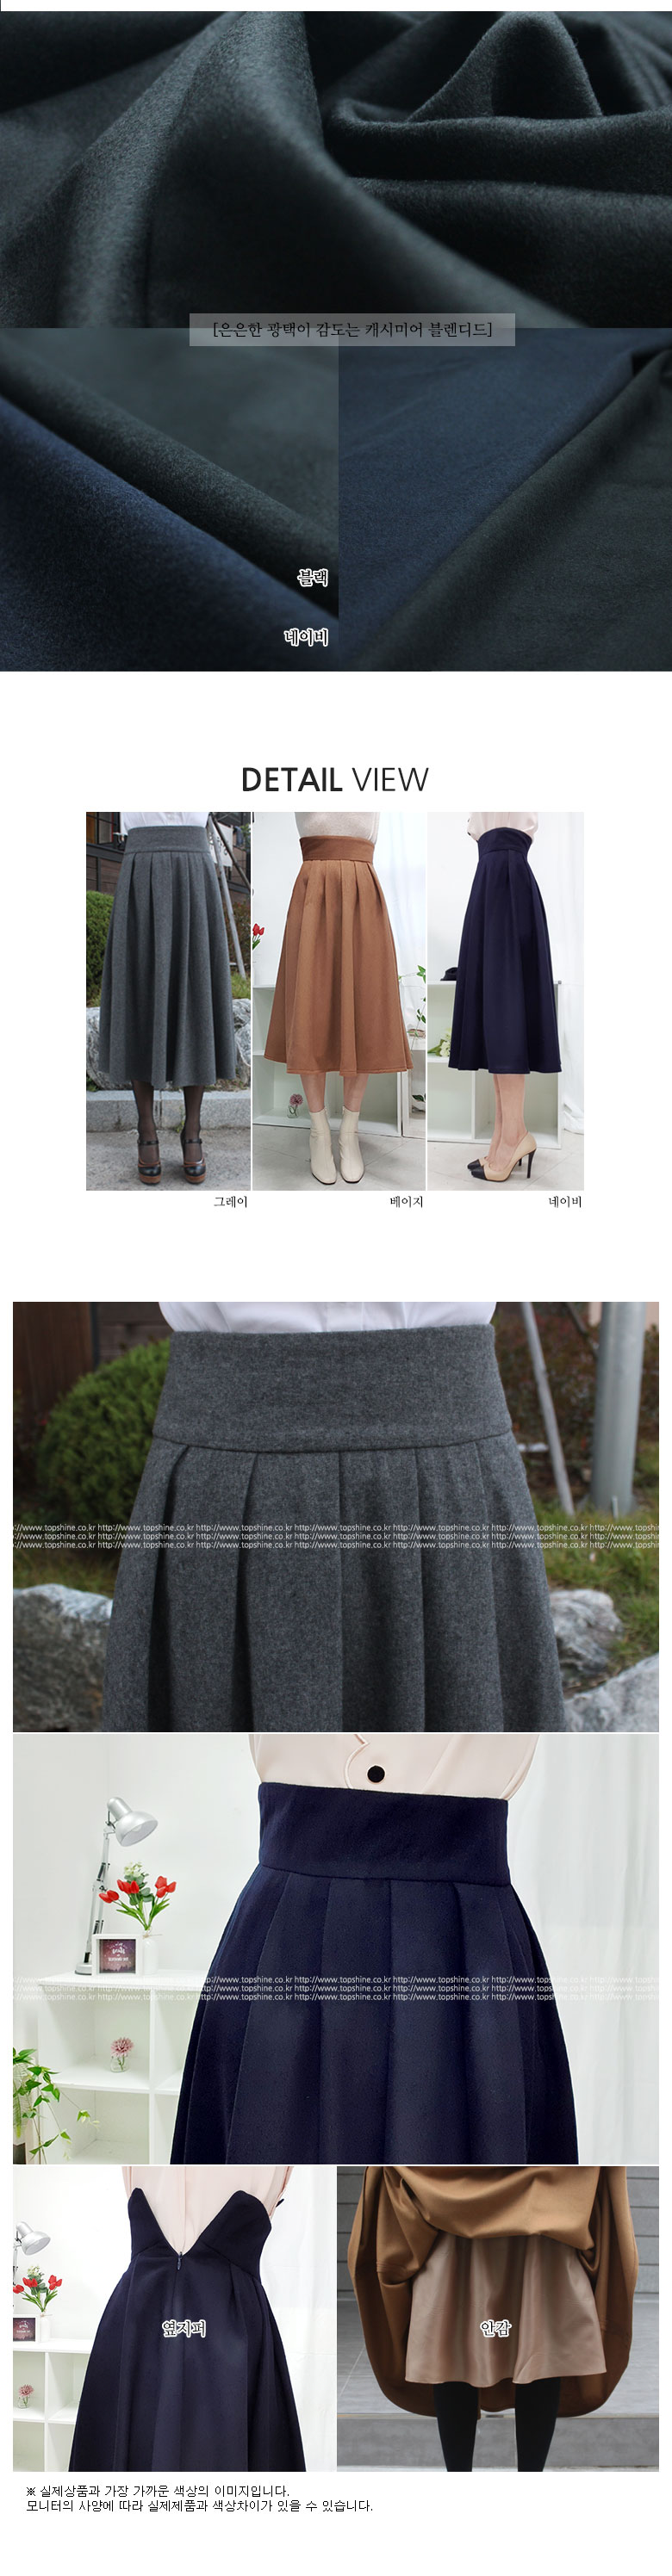 winter_secret_skirt_link5.jpg Winter